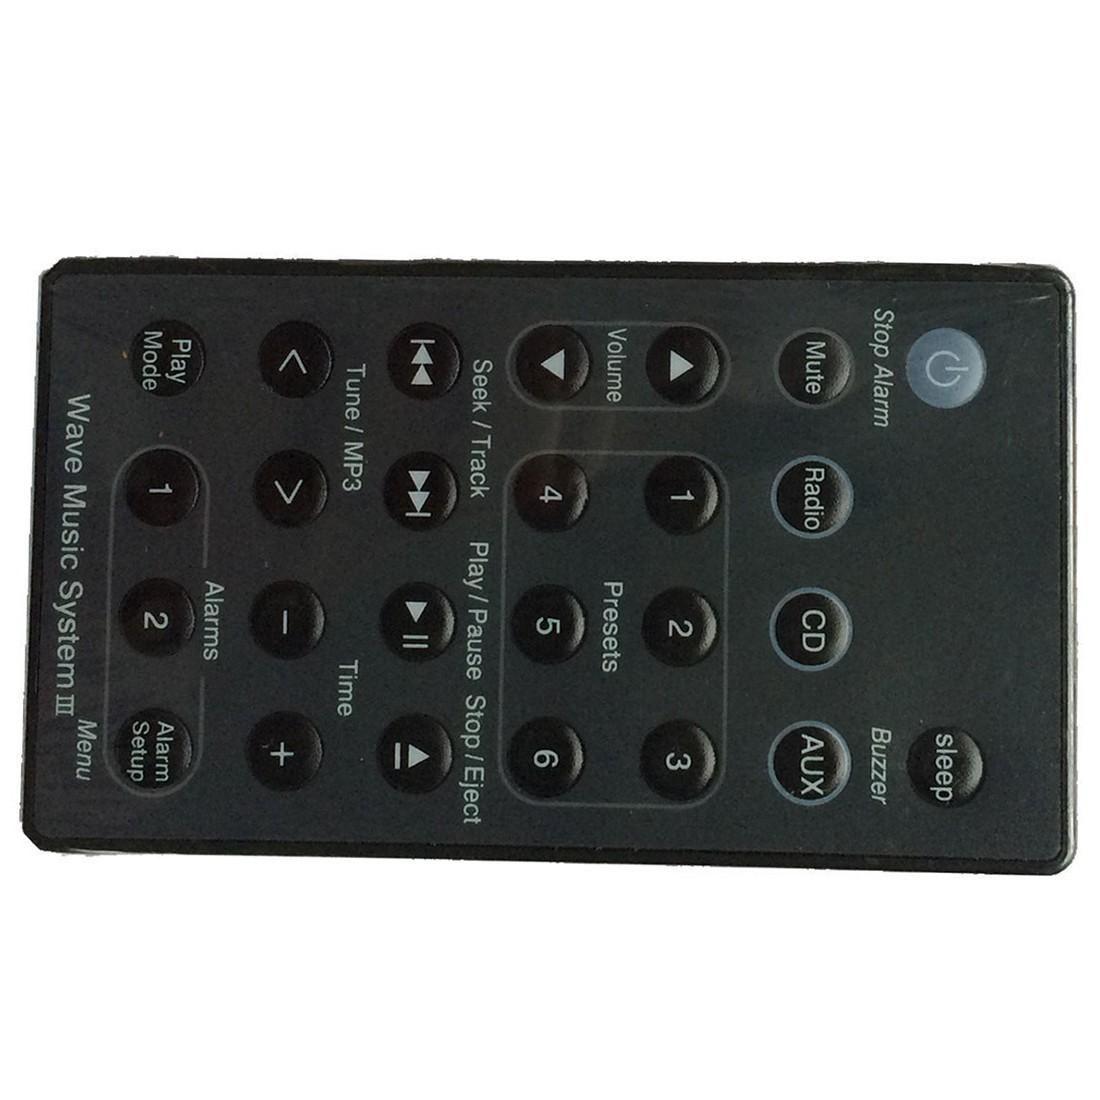 remote black for bose wave radio cd music system awrc c1. Black Bedroom Furniture Sets. Home Design Ideas